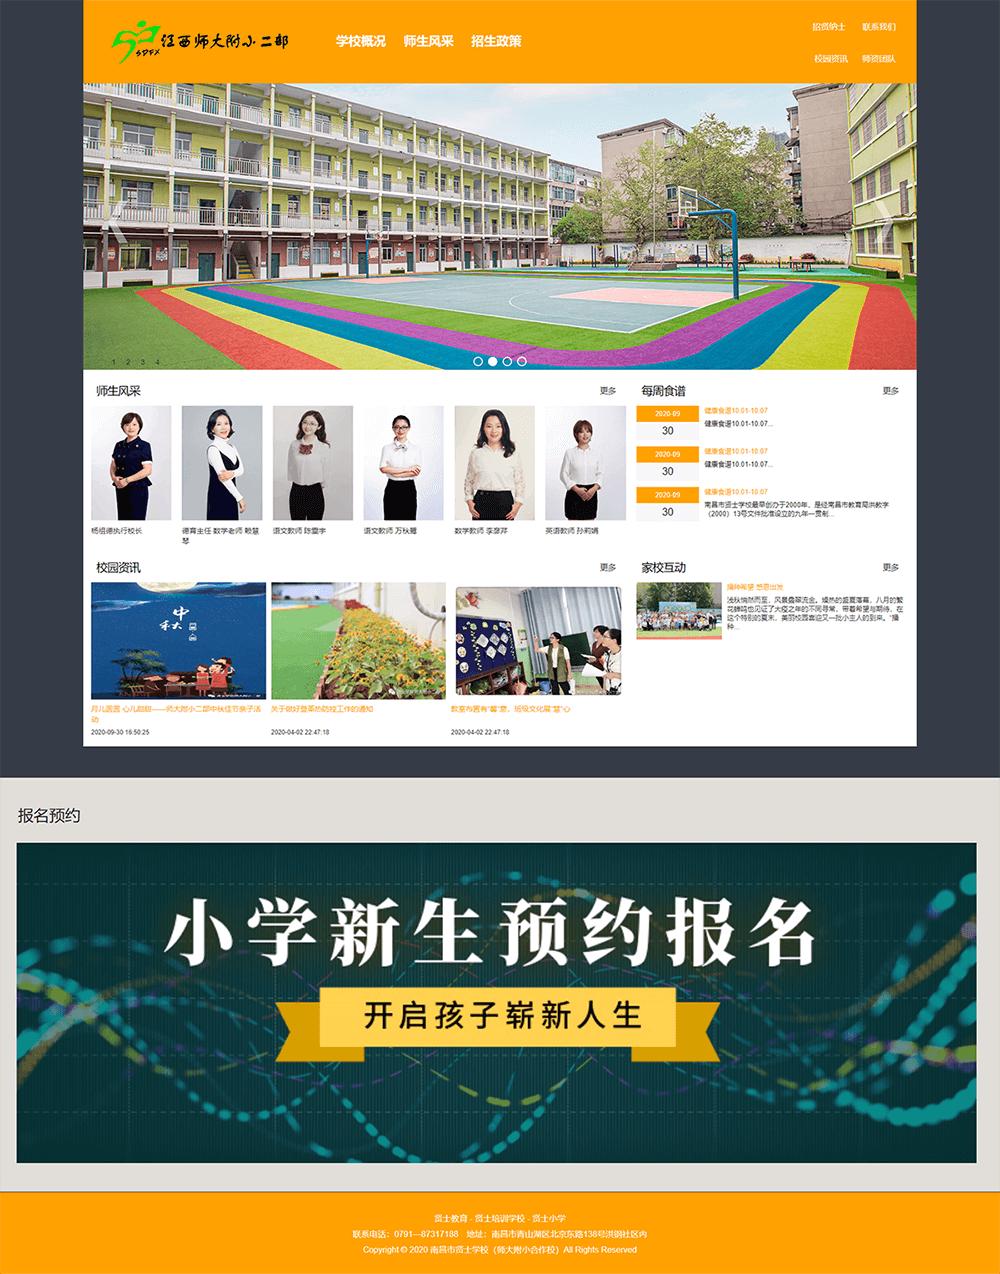 南昌市贤士学校江西师大附小二部 (1).png